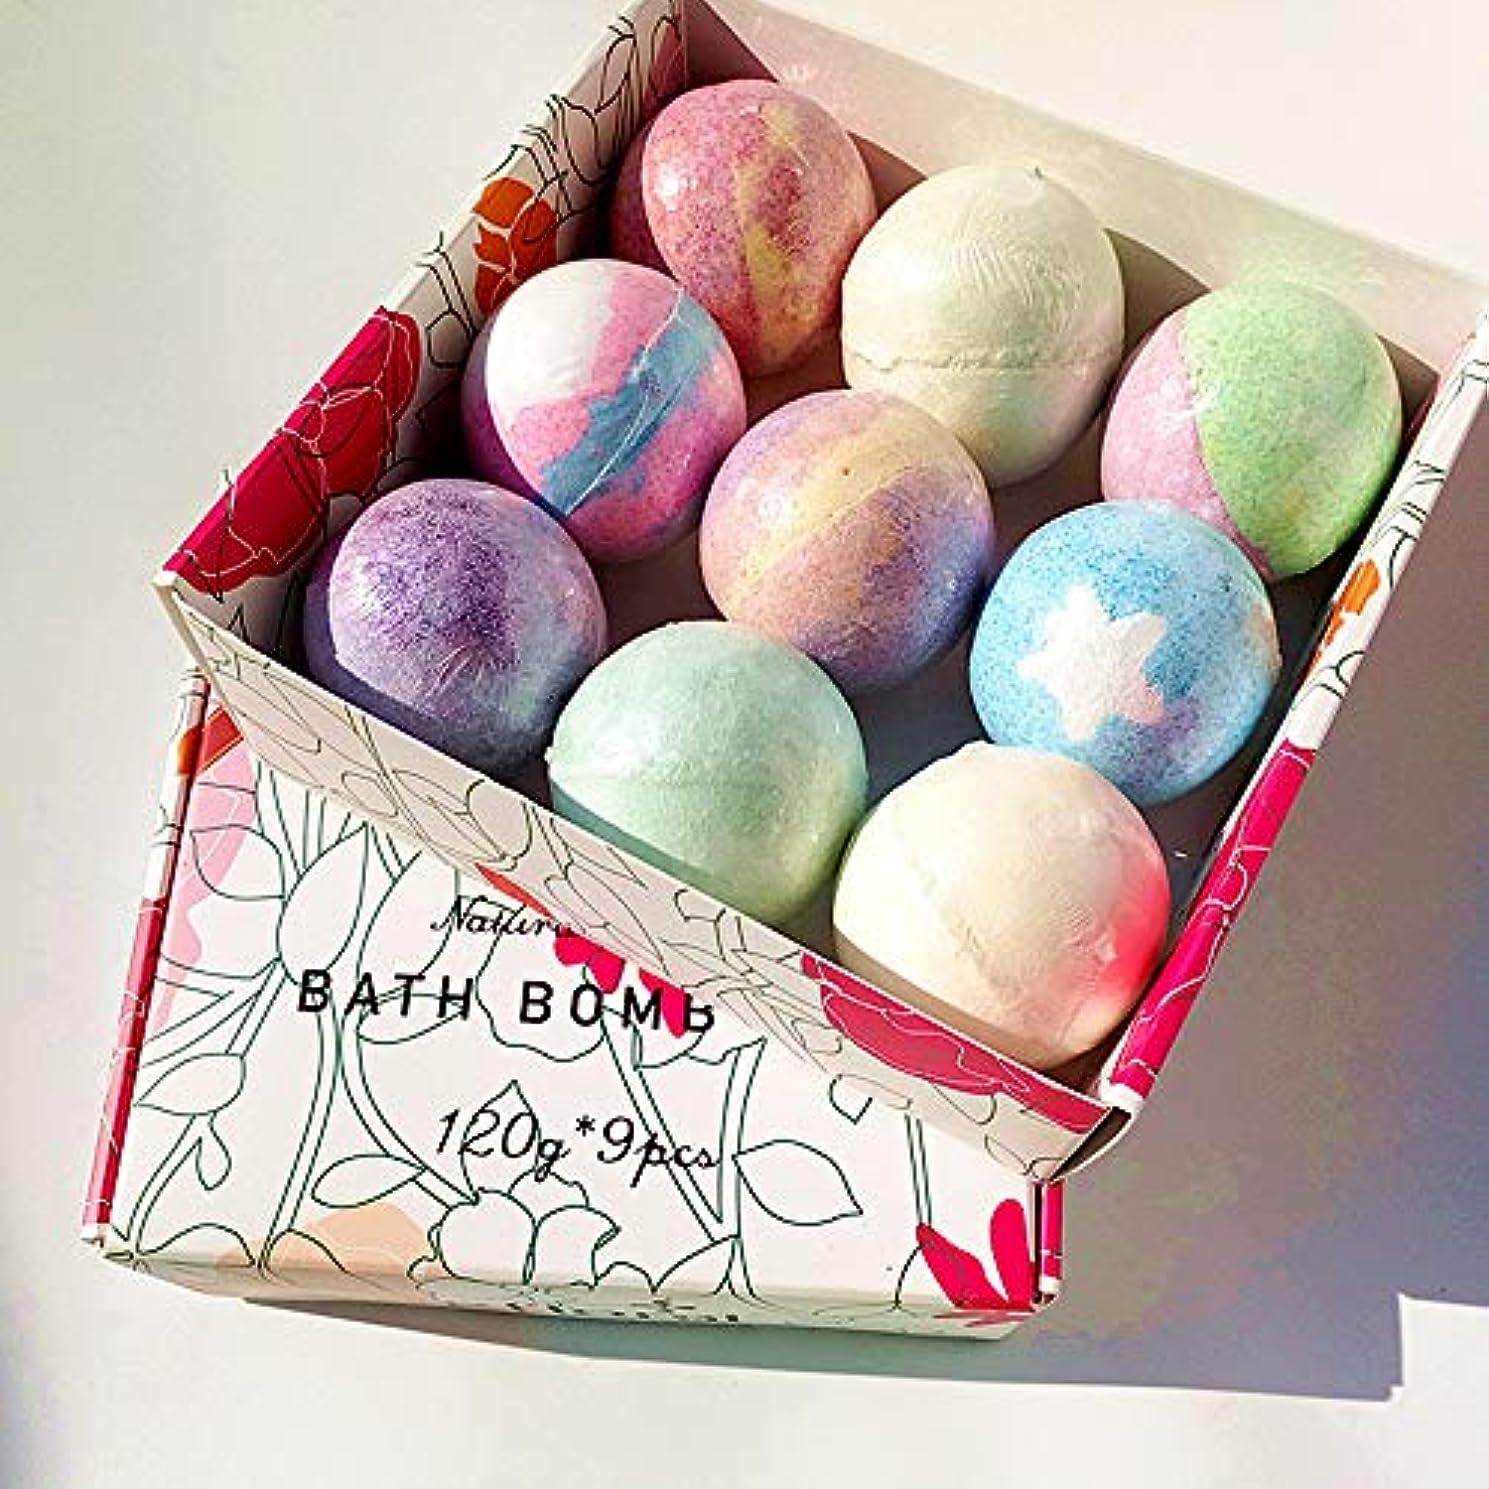 に頼る指定する主にバスボム 炭酸 入浴剤 ギフト 手作り お風呂用 9つの香りキット 天然素材 カラフル バスボール 母の日 プレゼント